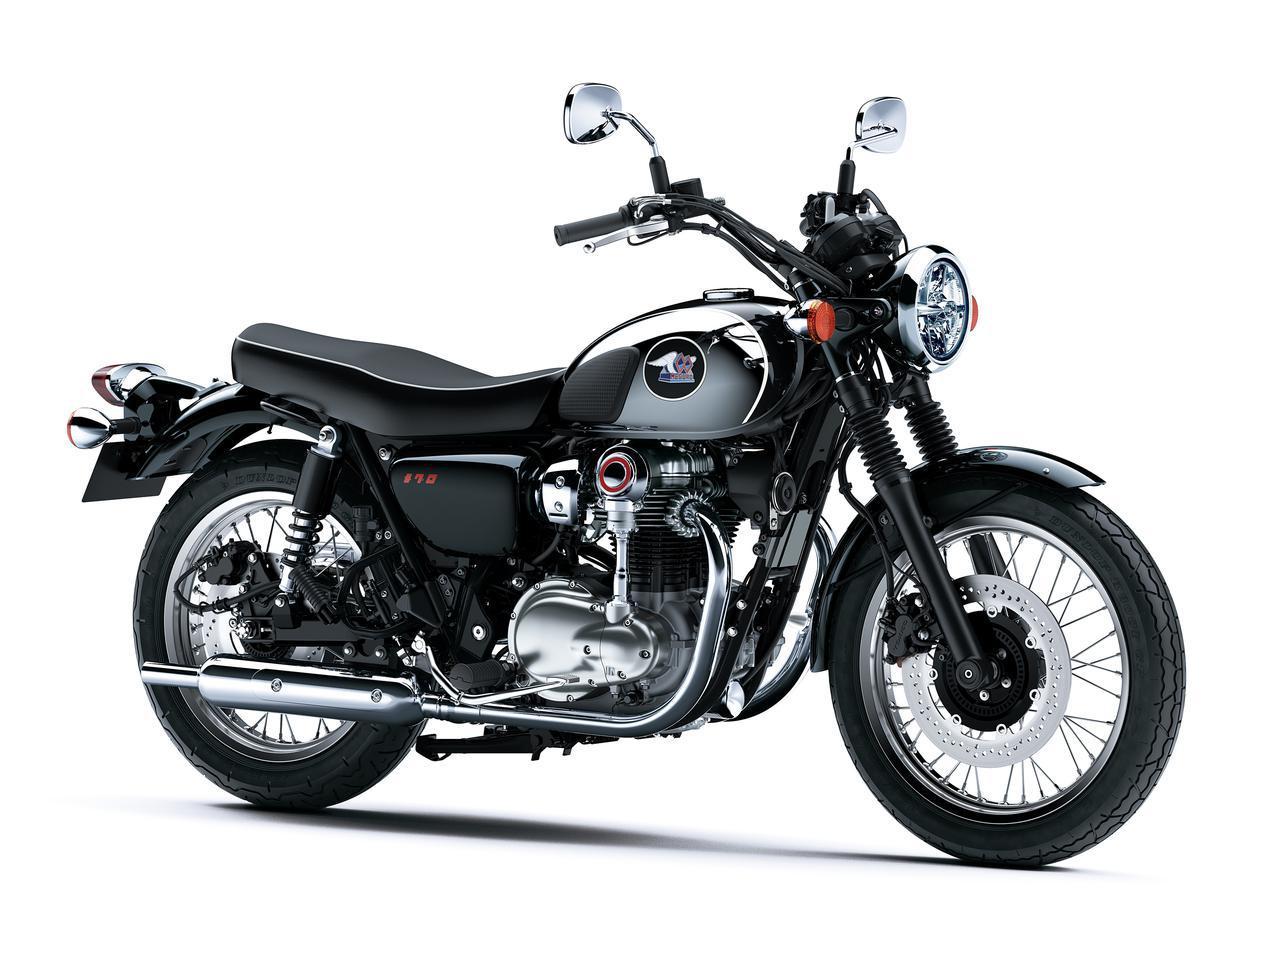 画像: Kawasaki MEGURO K3 総排気量:773cc エンジン形式:空冷4ストSOHC4バルブ並列2気筒 シート高:790mm 車両重量:227kg